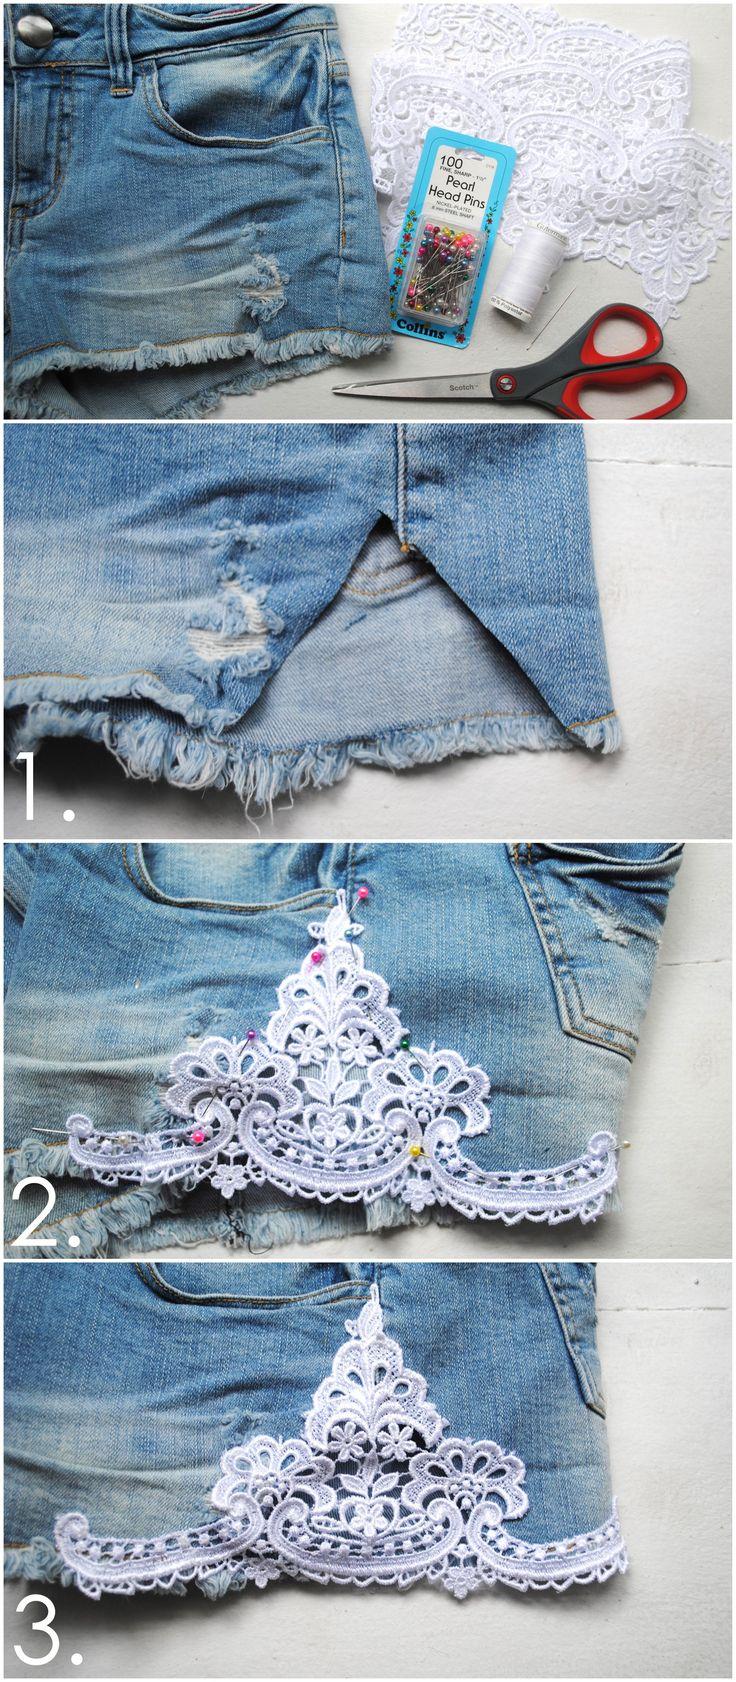 DIY lace cutoffs